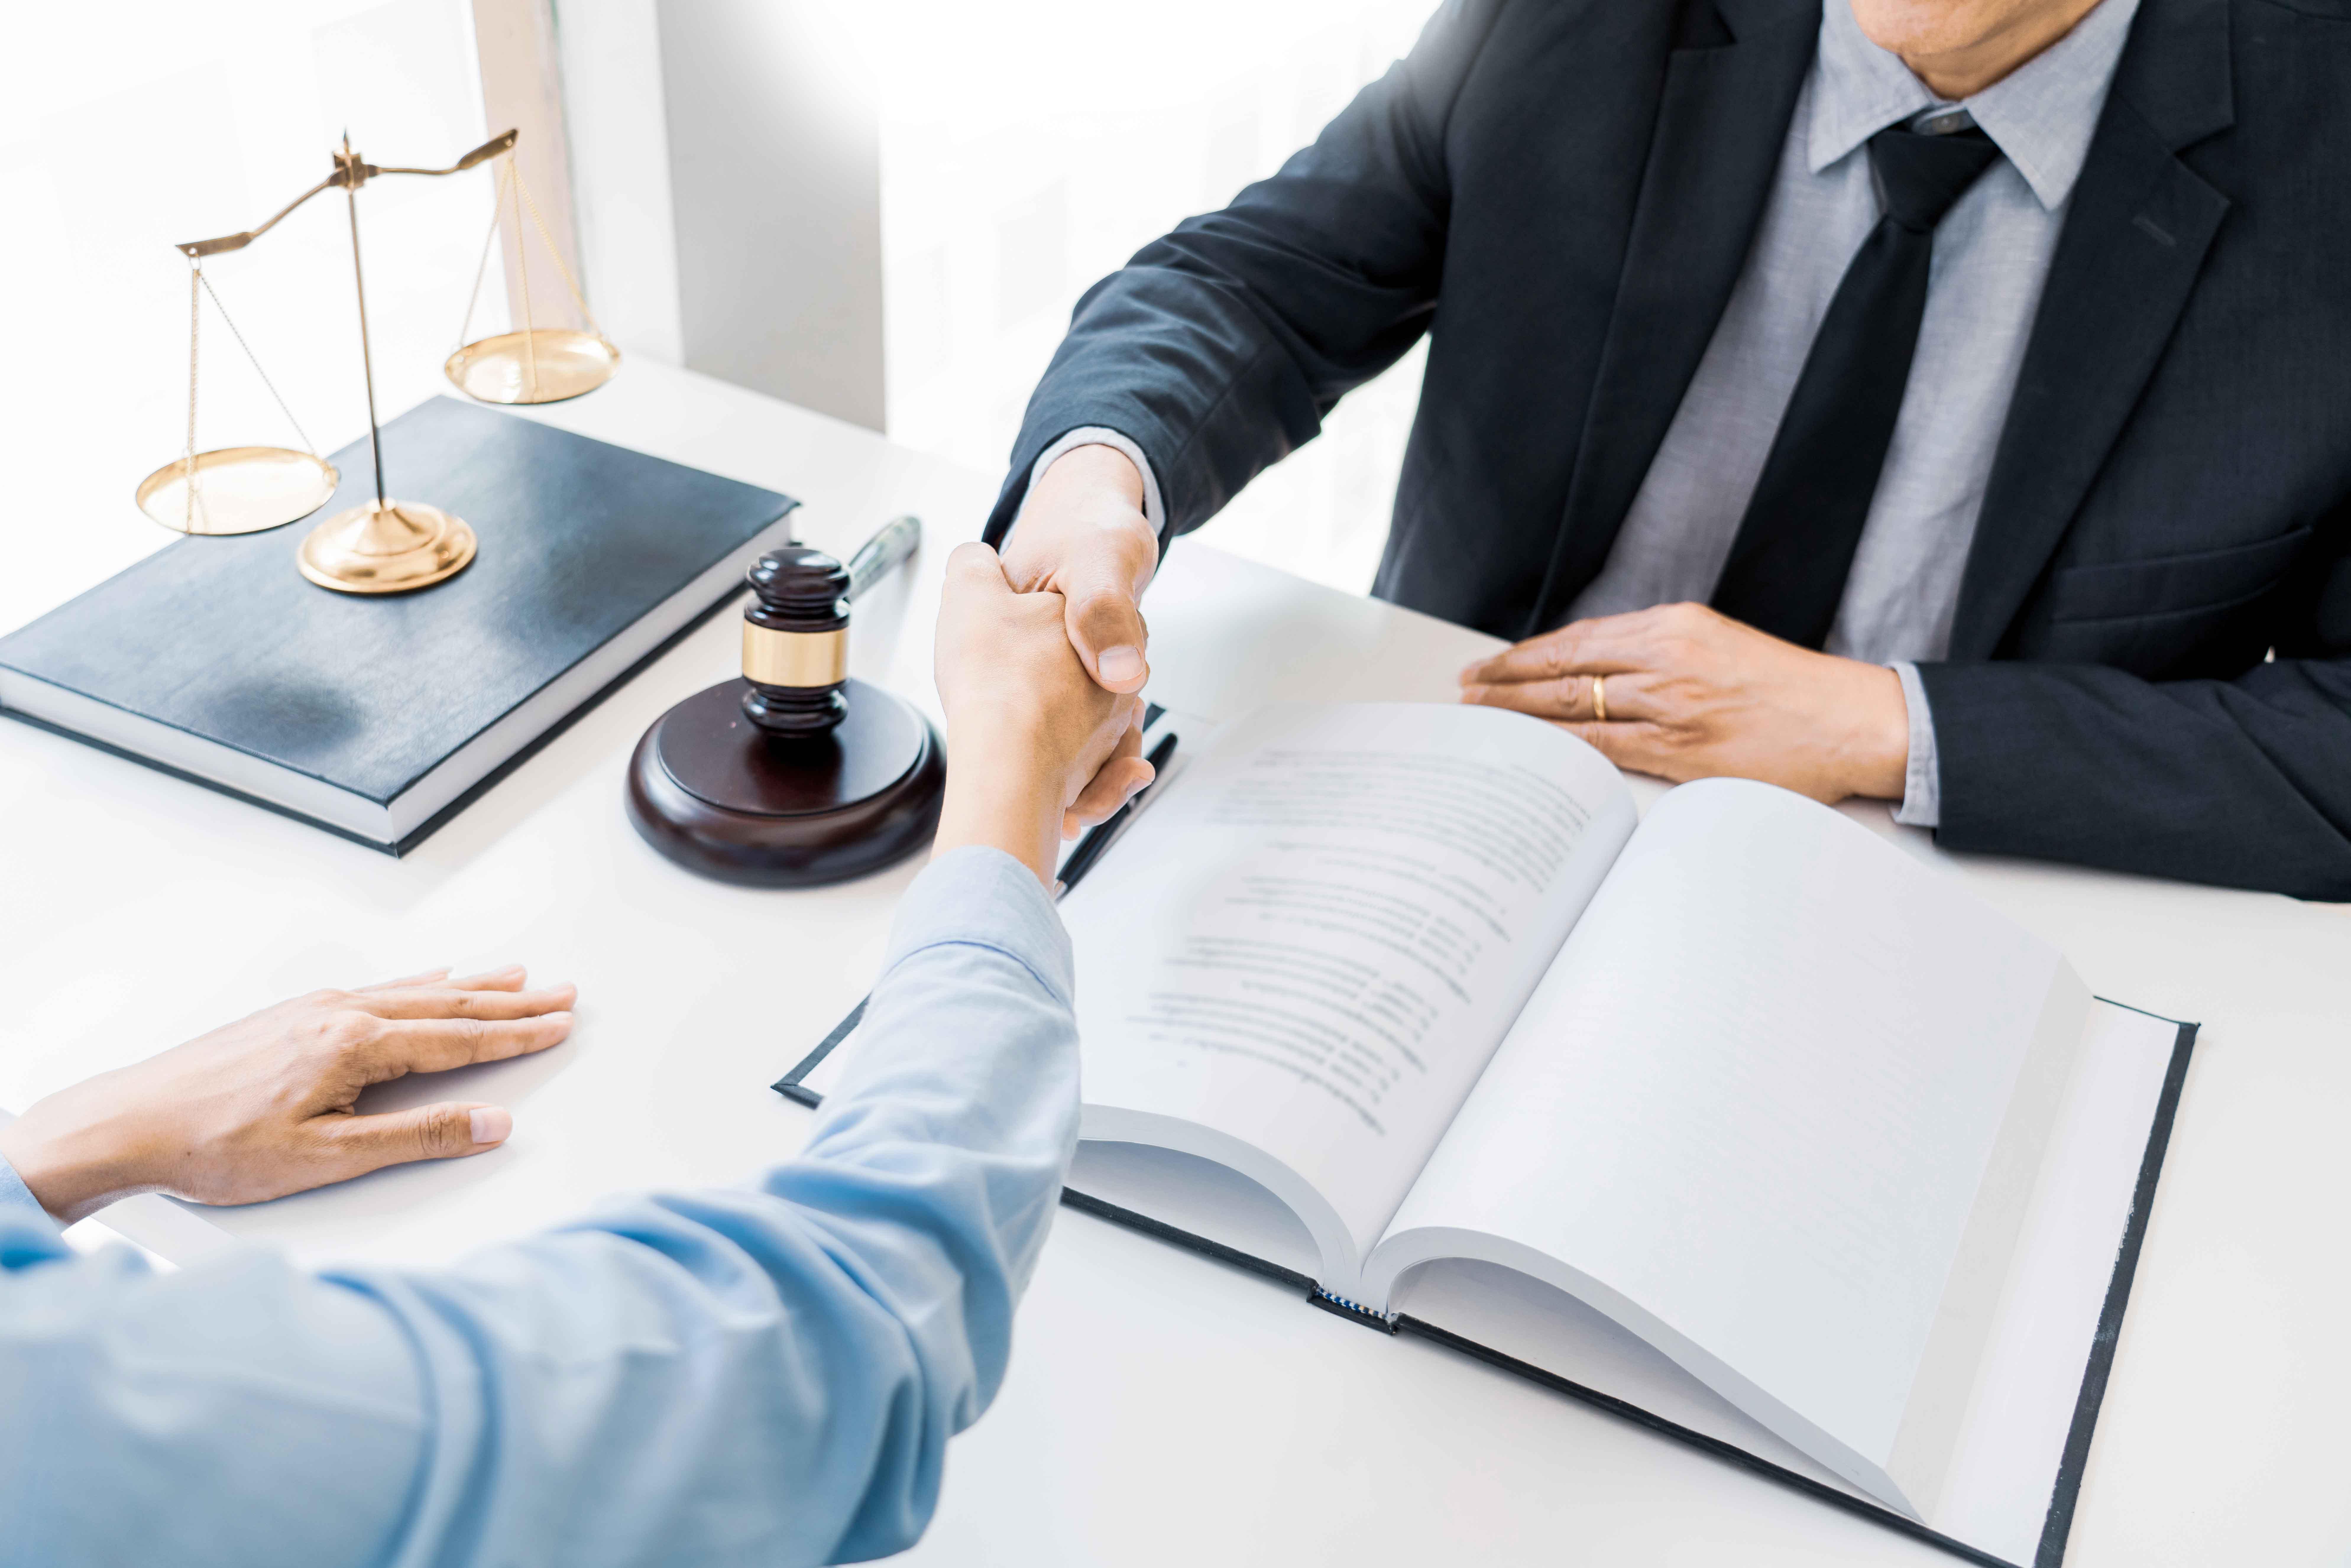 贵阳债务律师关于债务在什么情况下可以相互抵消